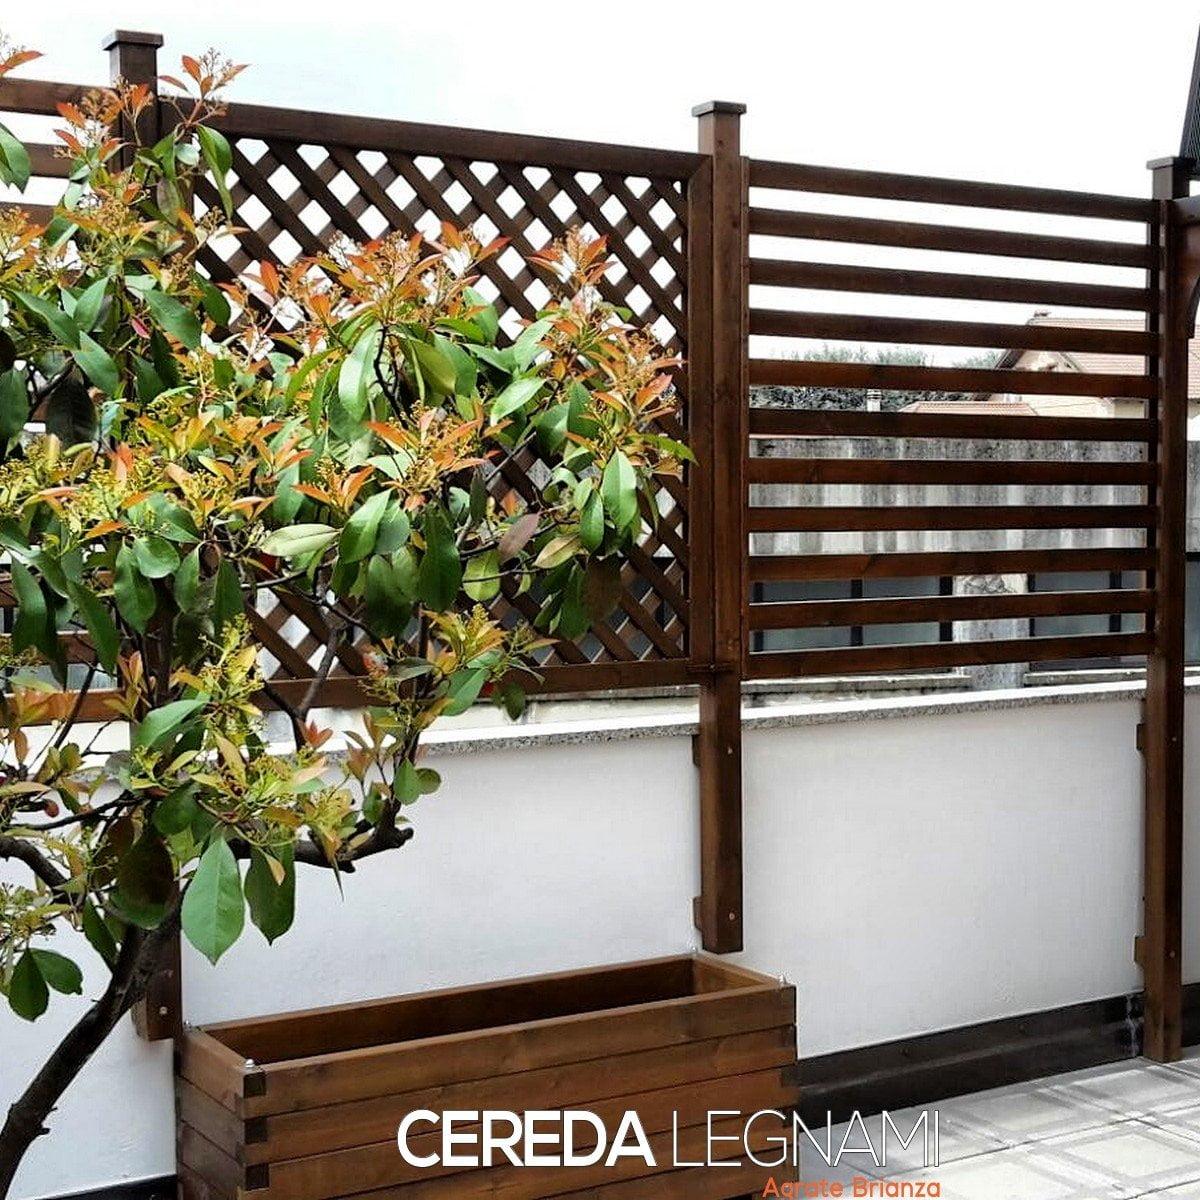 griglie in legno e fioriere per giardino - Cereda Legnami Agrate Brianza